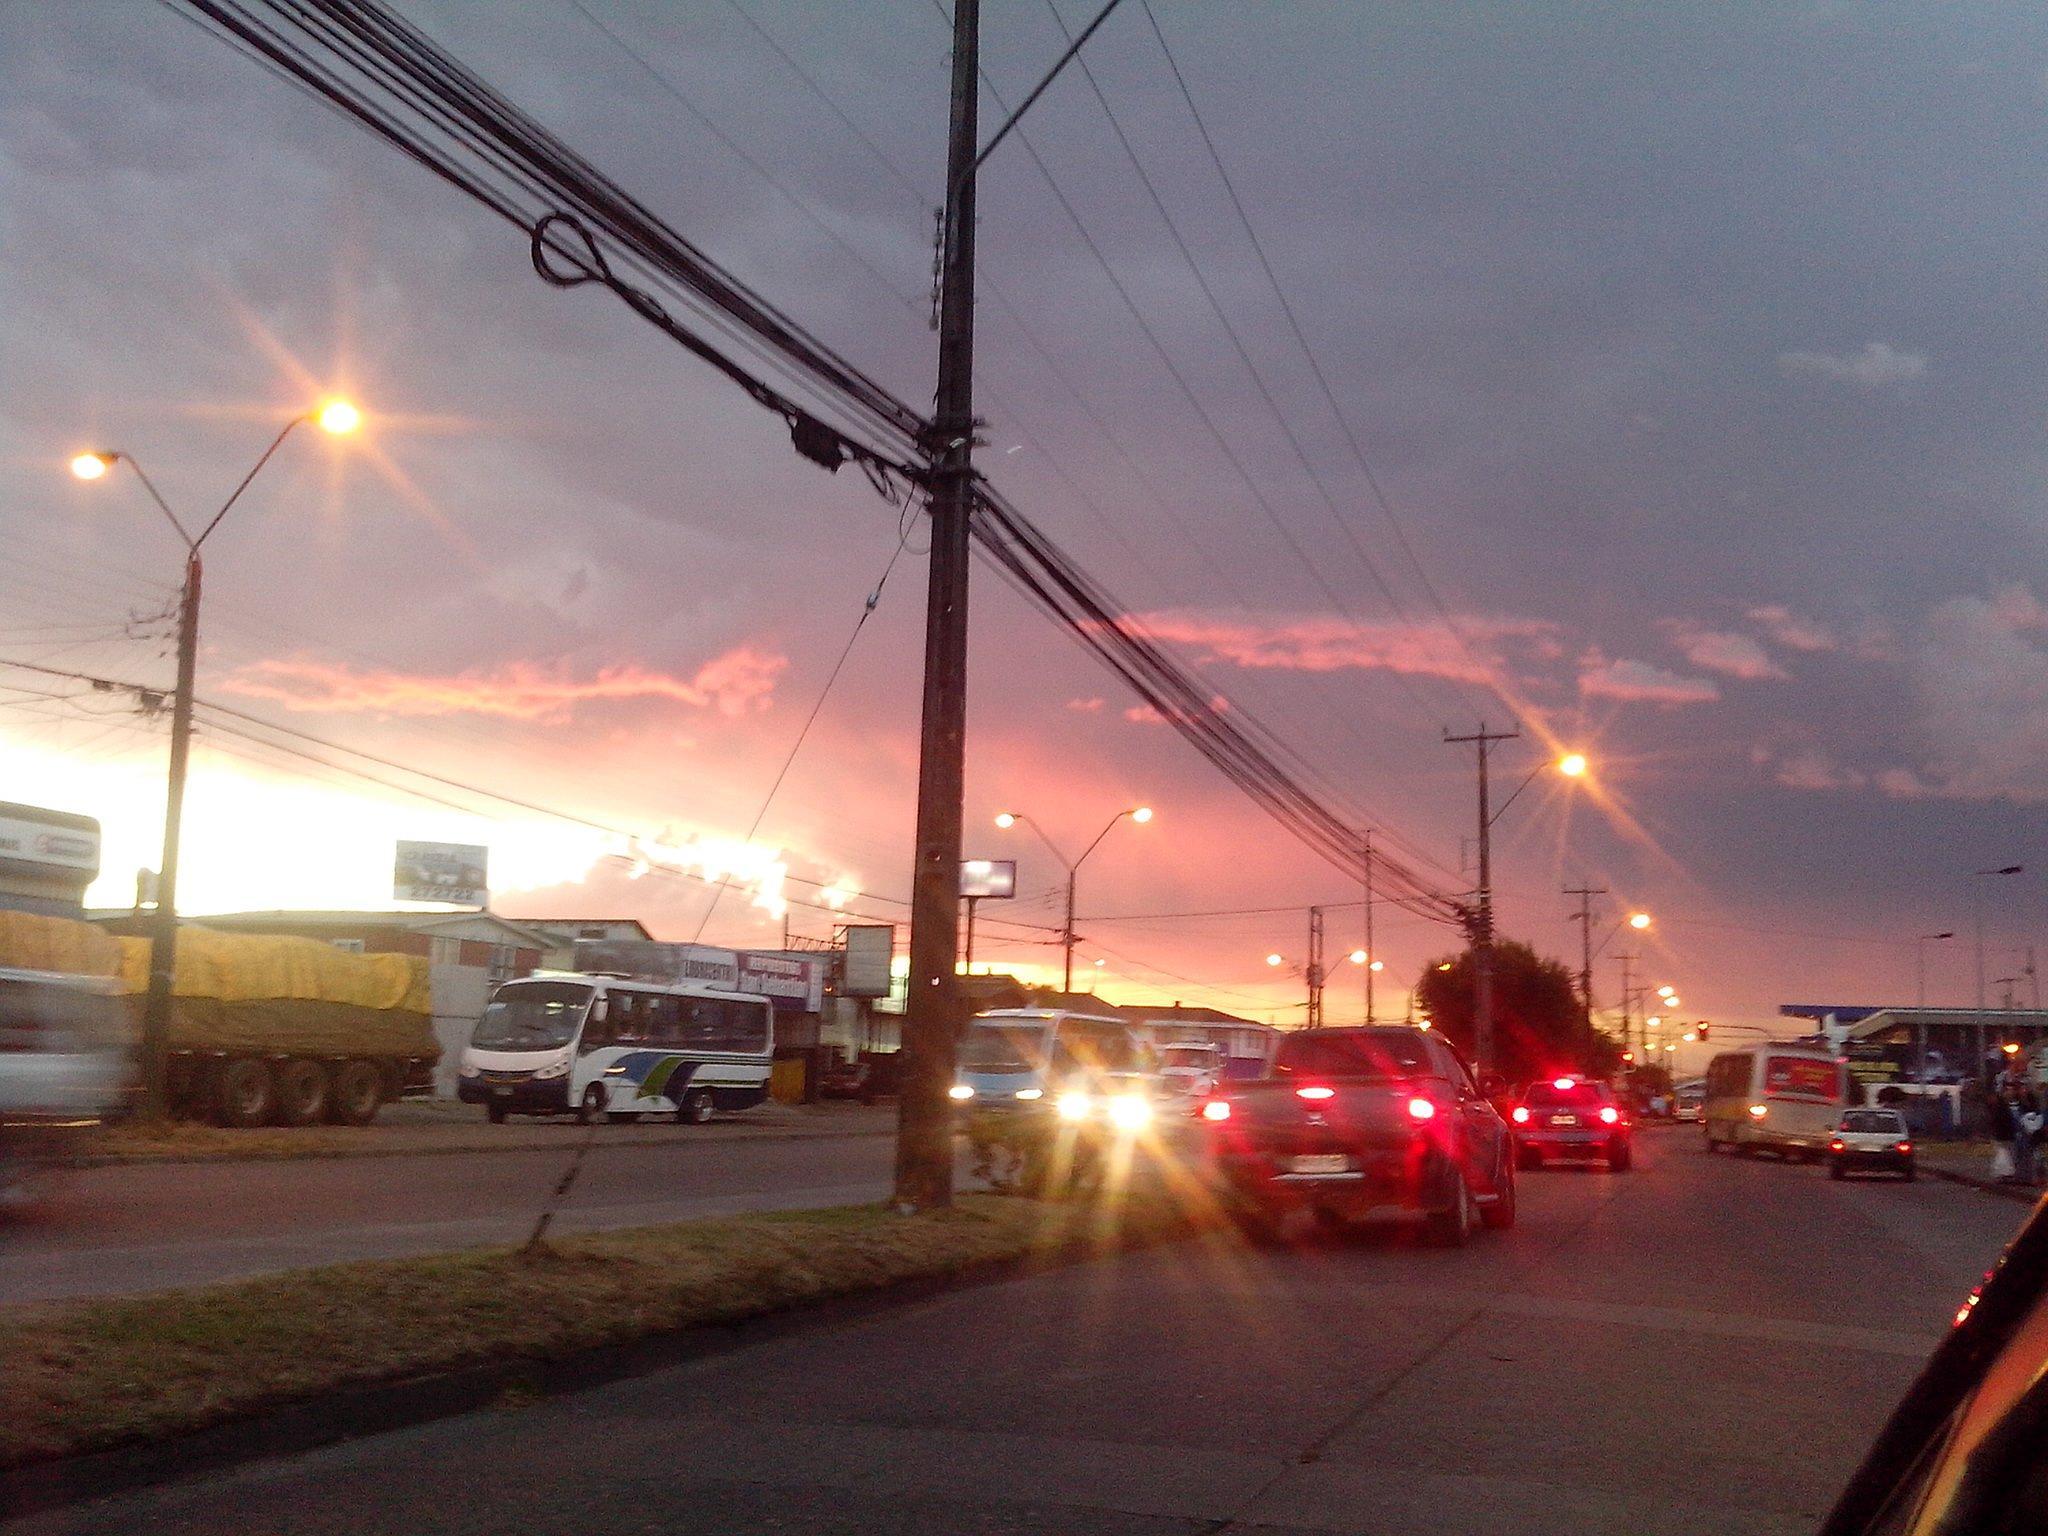 cielo rojo  by nataliavaldiviag